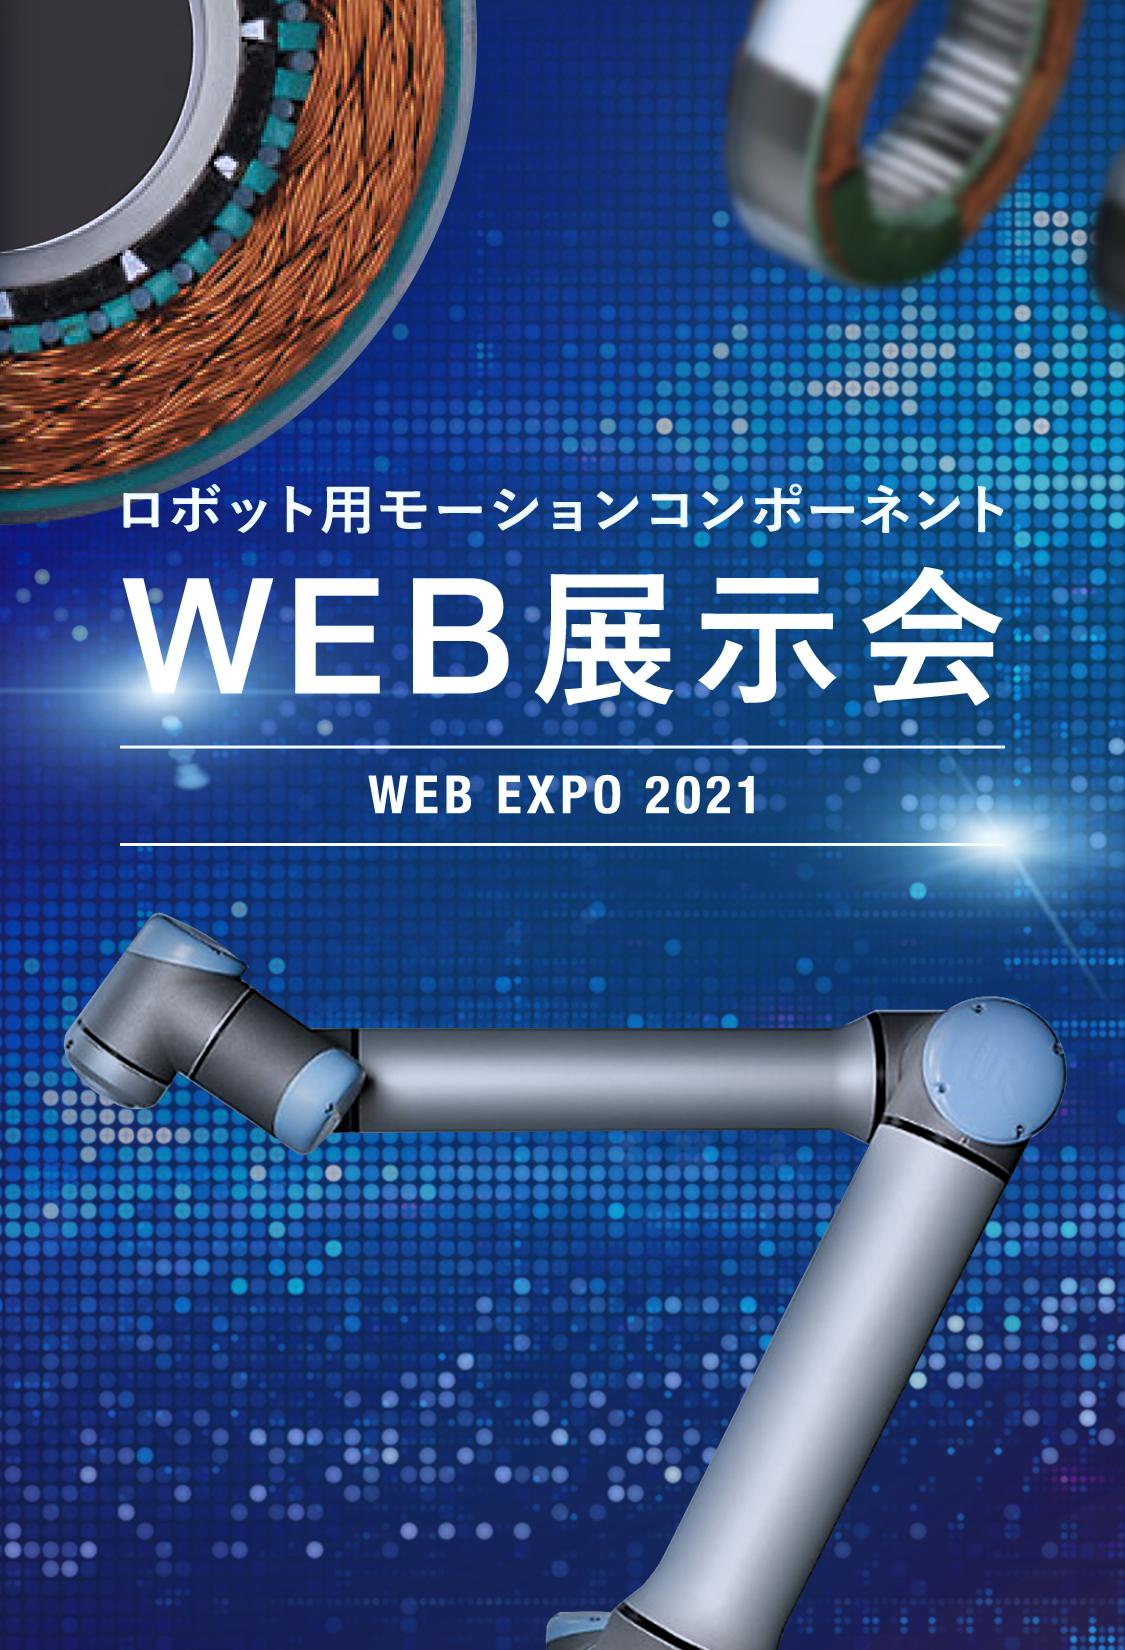 ロボット用モーションコンポーネントWEB展示会